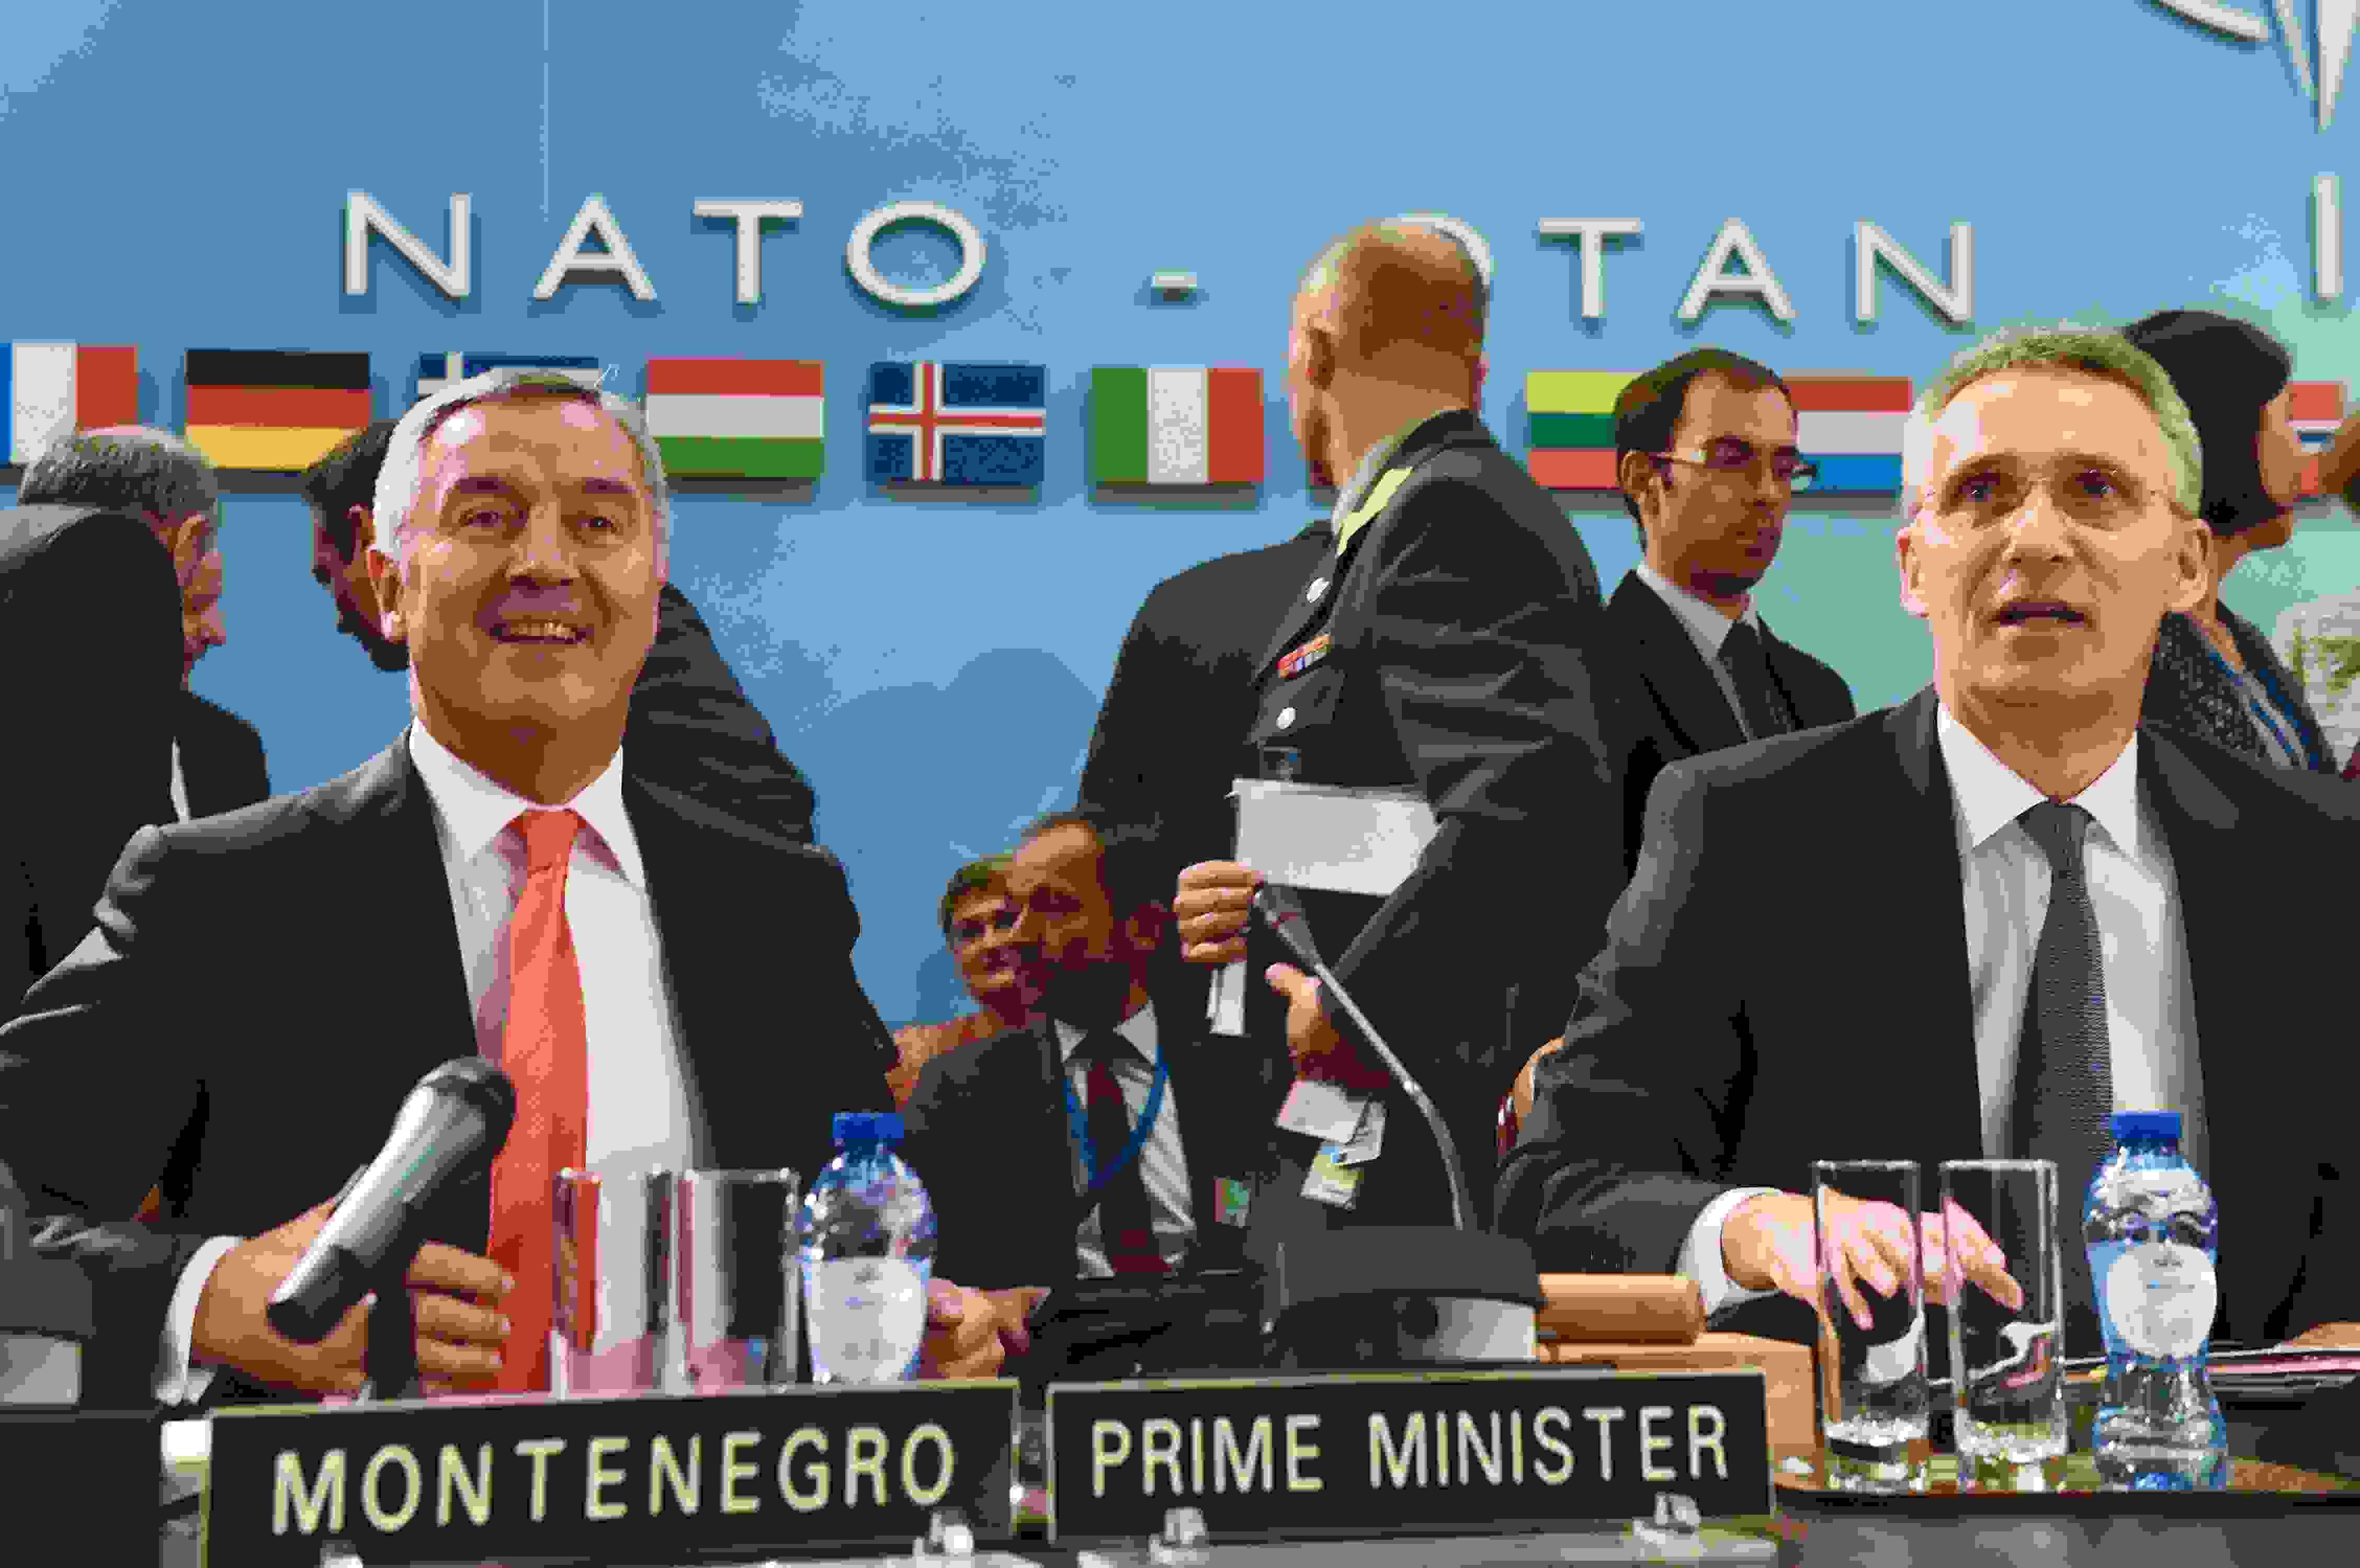 BELGIUM-NATO-DEFENCE-POLITICS